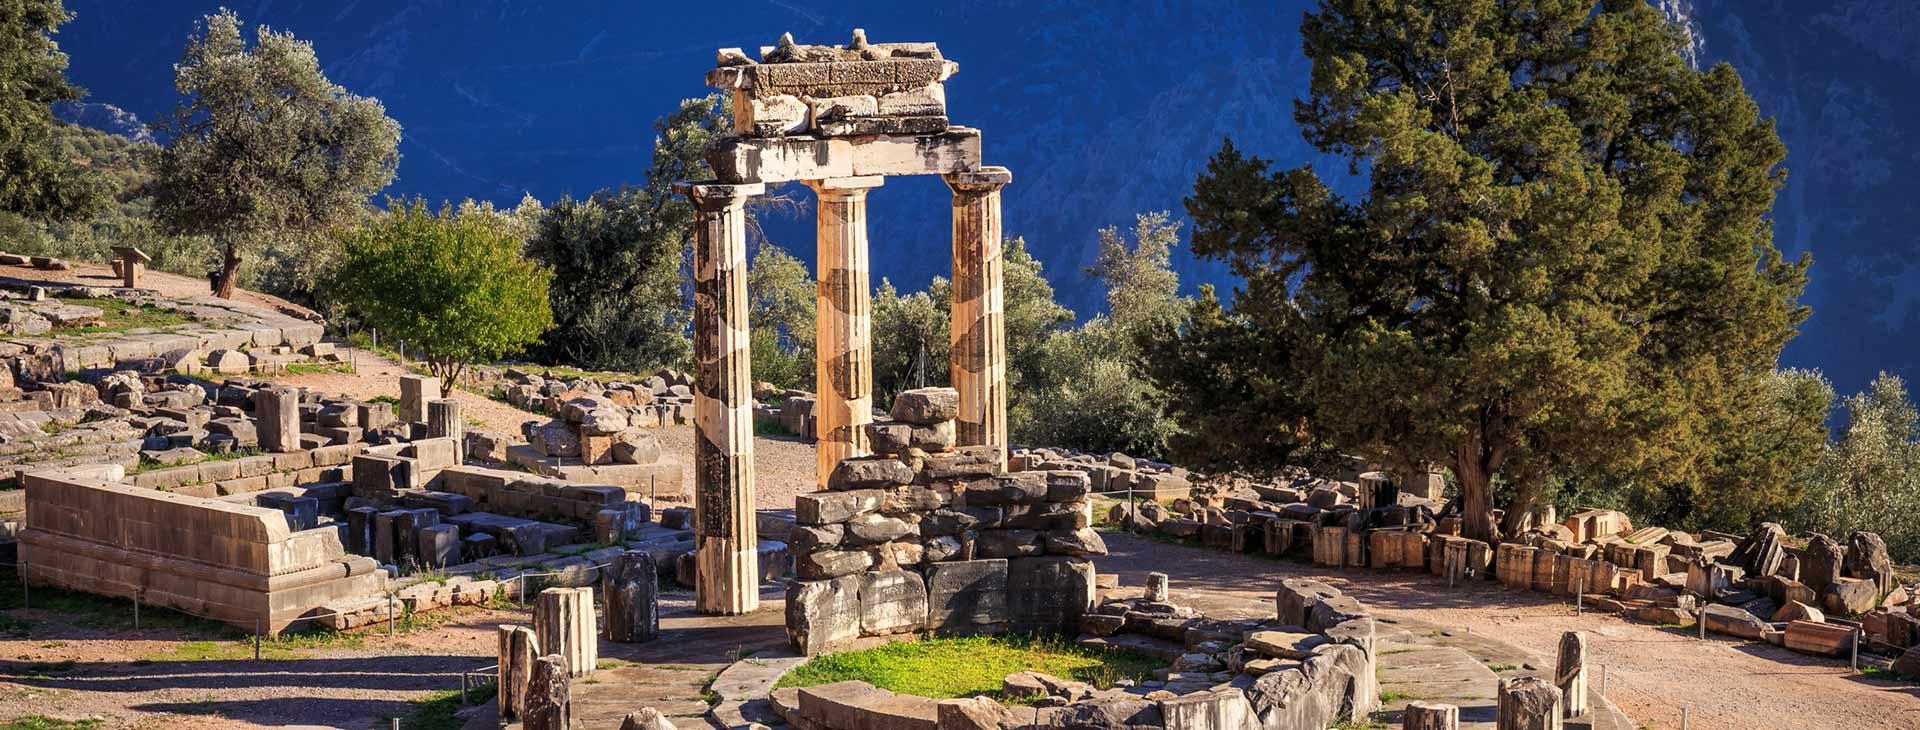 Wakacje po pięćdziesiątce - Starożytna Grecja Grecja Wyc. objazdowe